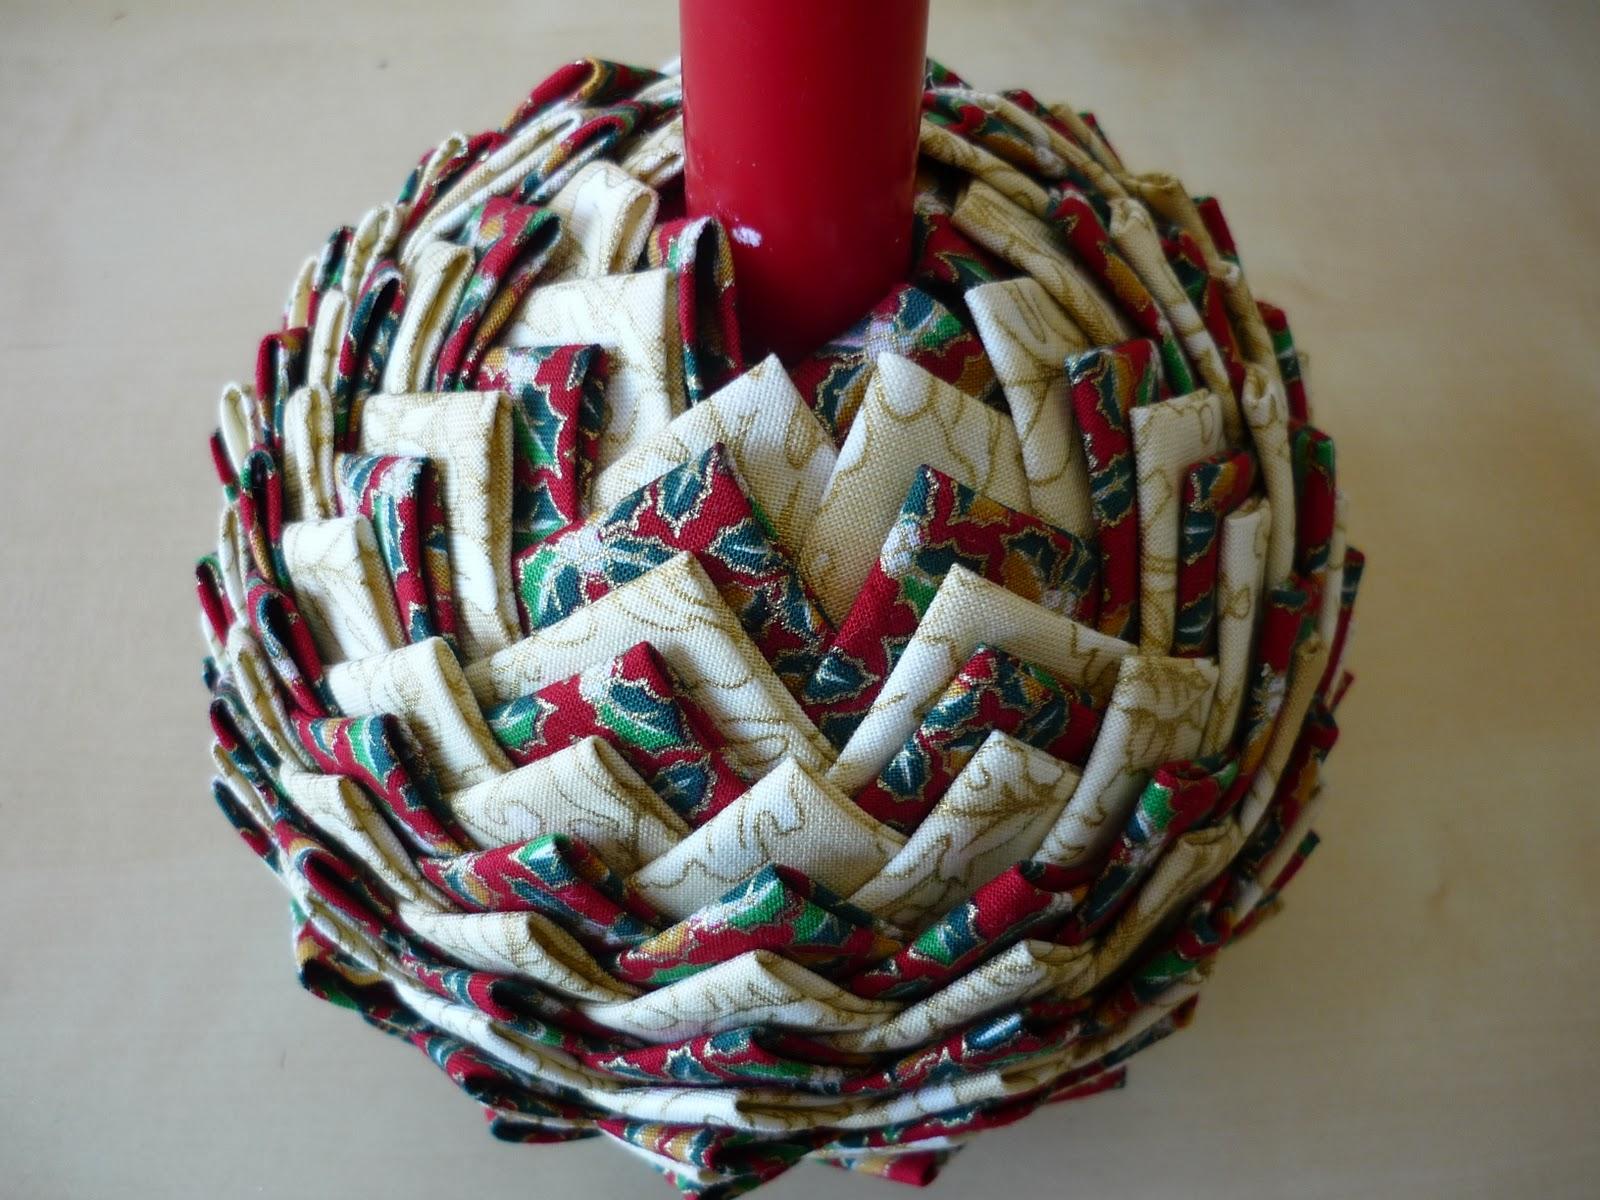 Coser y coser patchwork tutorial pi a navide a for Manualidades navidad con pinas